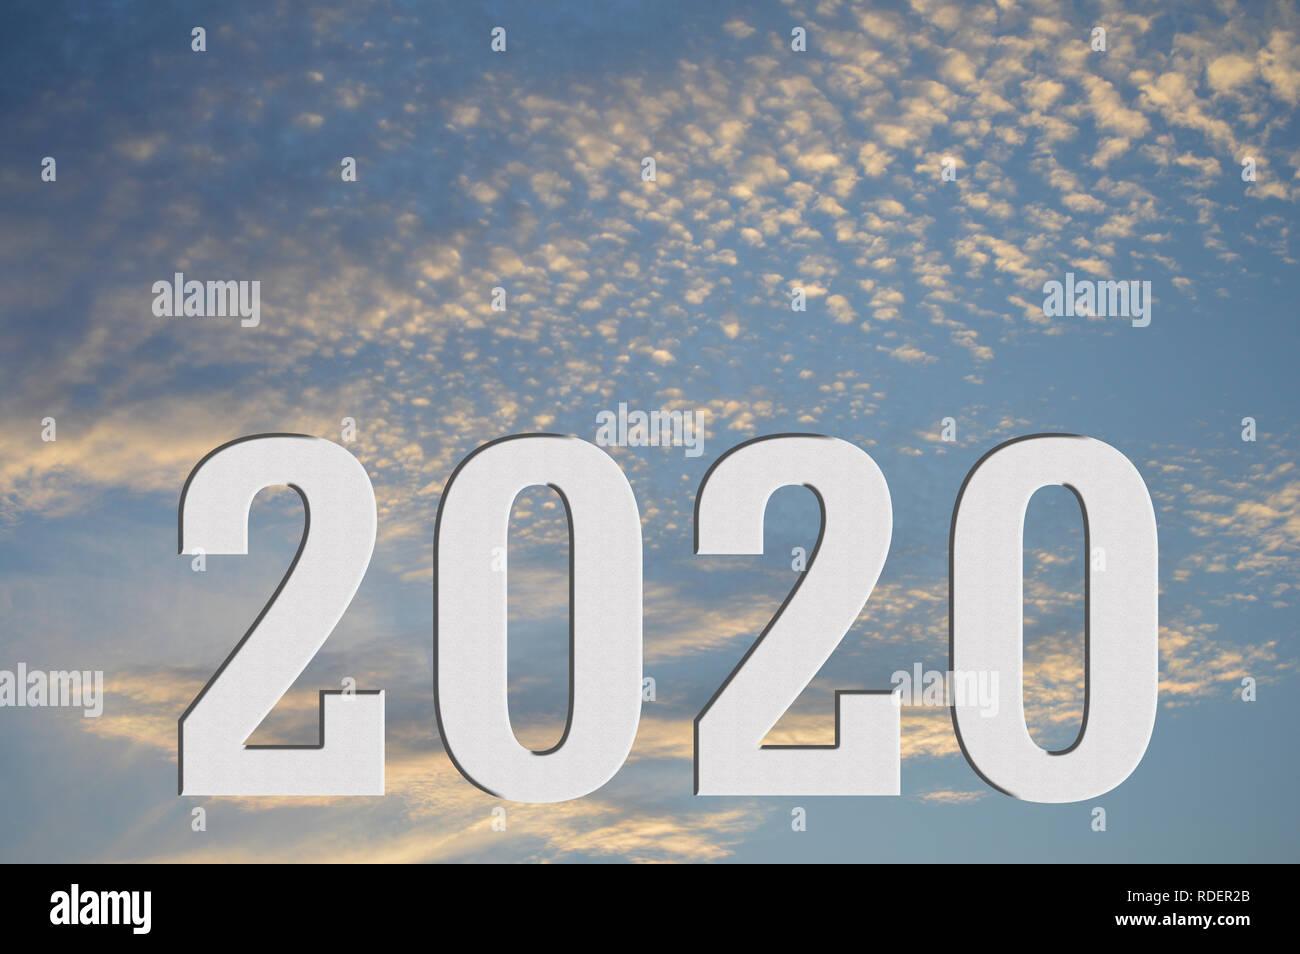 Eine Sichtprüfung des Jahres 2020 unter einem Sonnenuntergang oder Sunrise sitzen, die Sonne auf 2020 gesetzt hat, oder geht die Sonne auf 2020 Stockbild